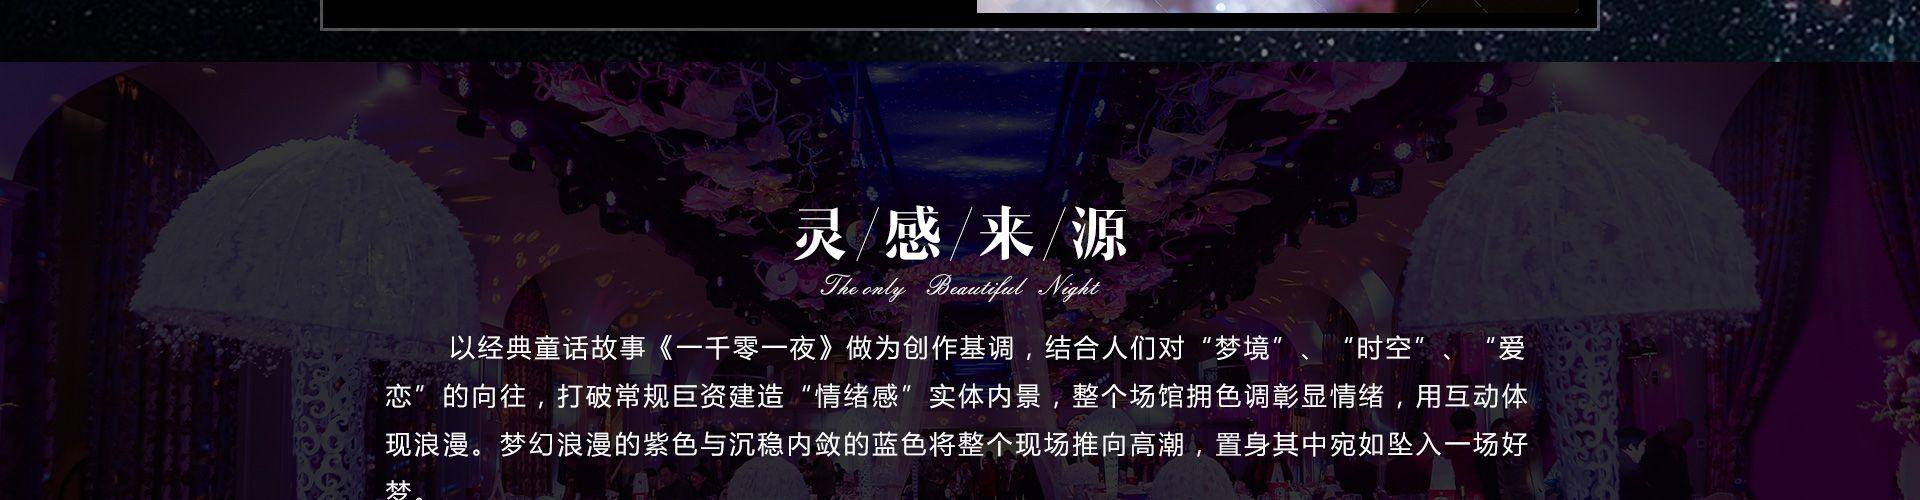 梦幻时空,为爱加冕《一千零一夜》